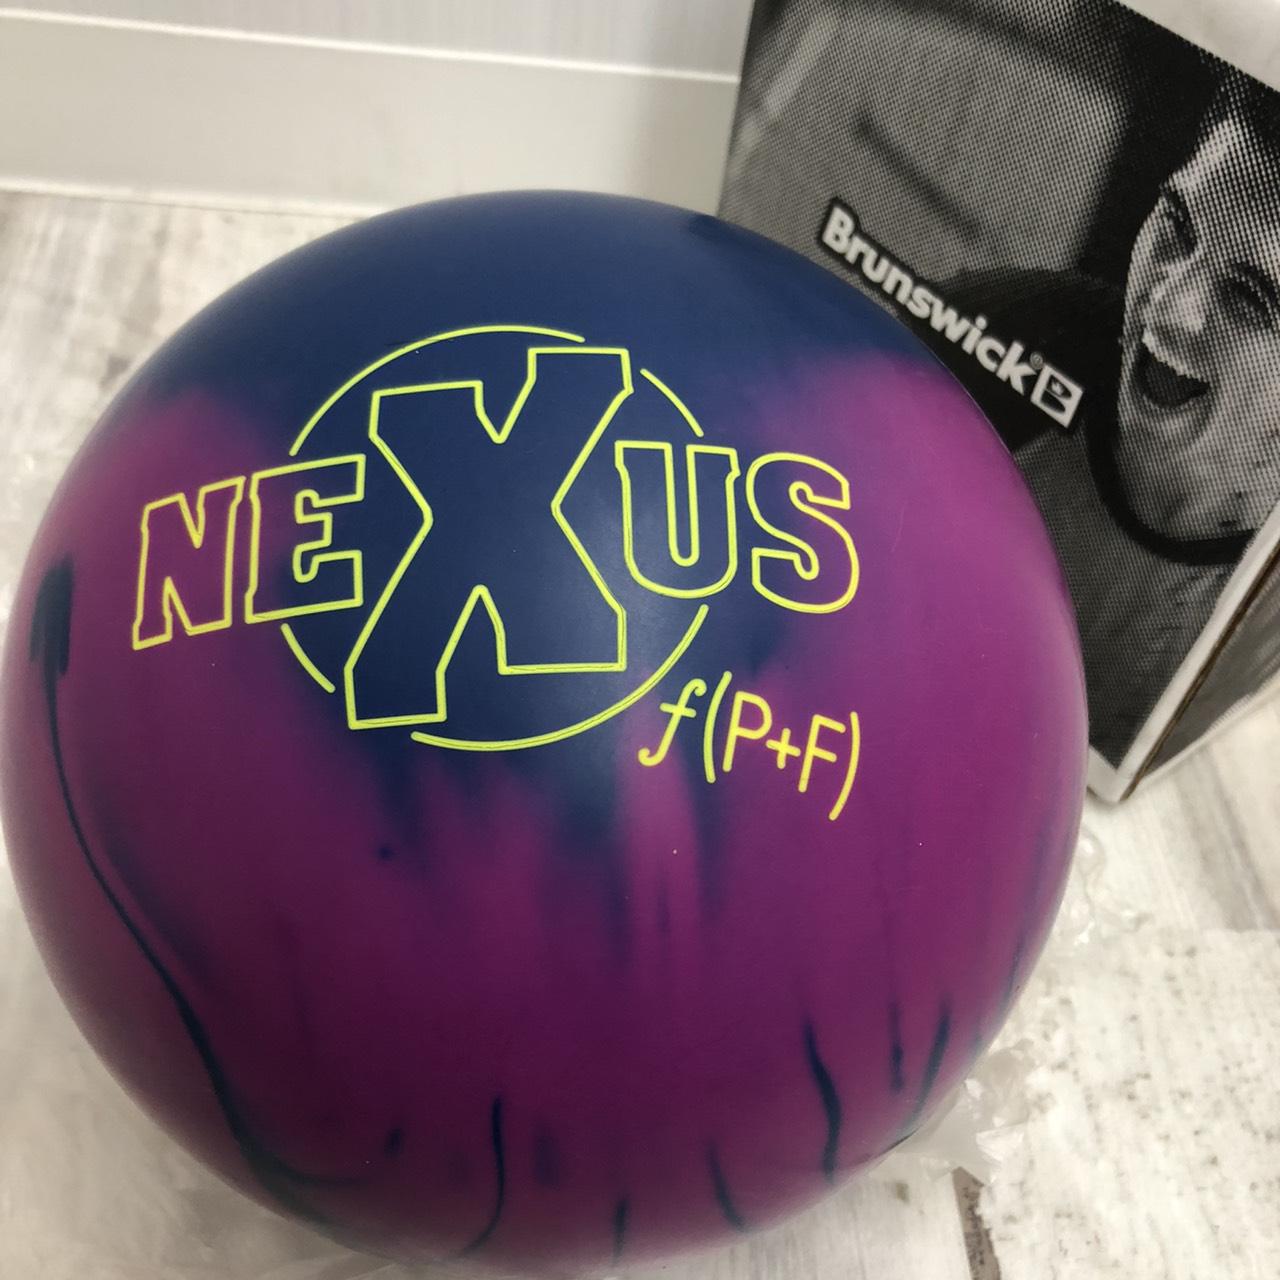 買取商品:ボーリング球 NEXUS f(P+F)